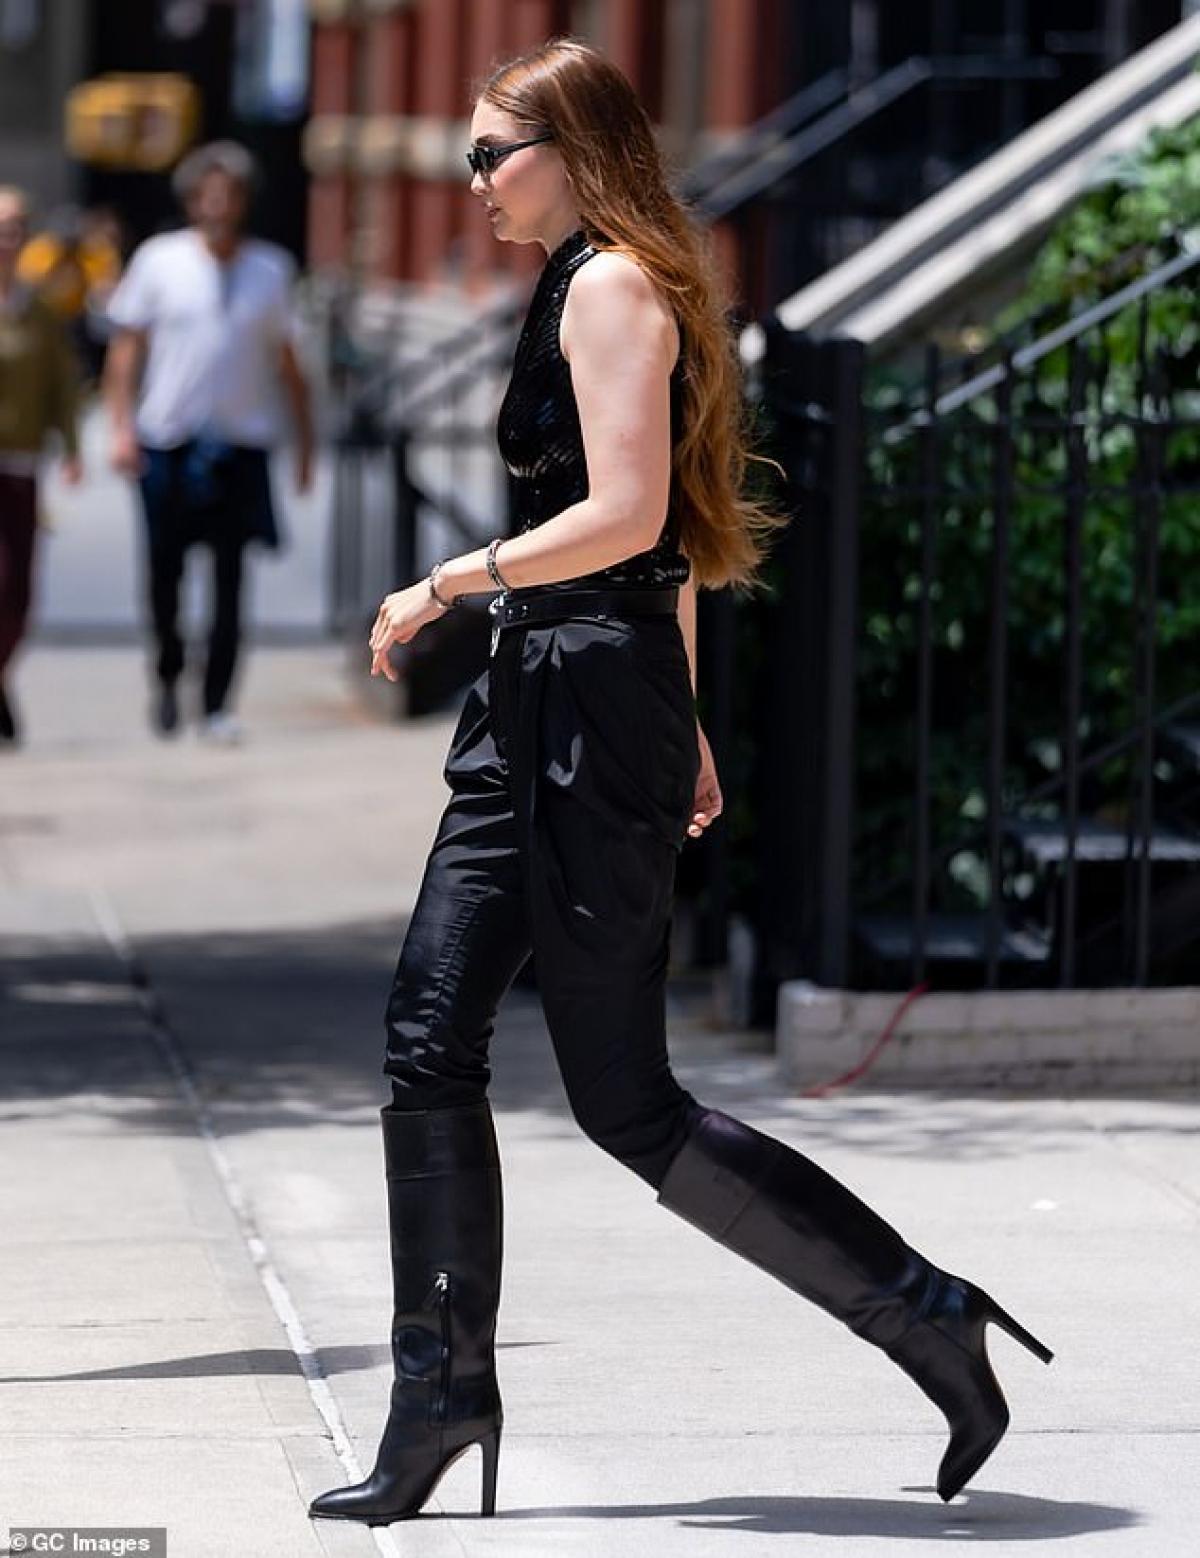 Siêu mẫu diện trang phục gợi cảm với áo và quần đen bó sát. Siêu mẫu đã nhanh chóng lấy lại dáng đẹp sau 9 tháng sinh con đầu lòng.